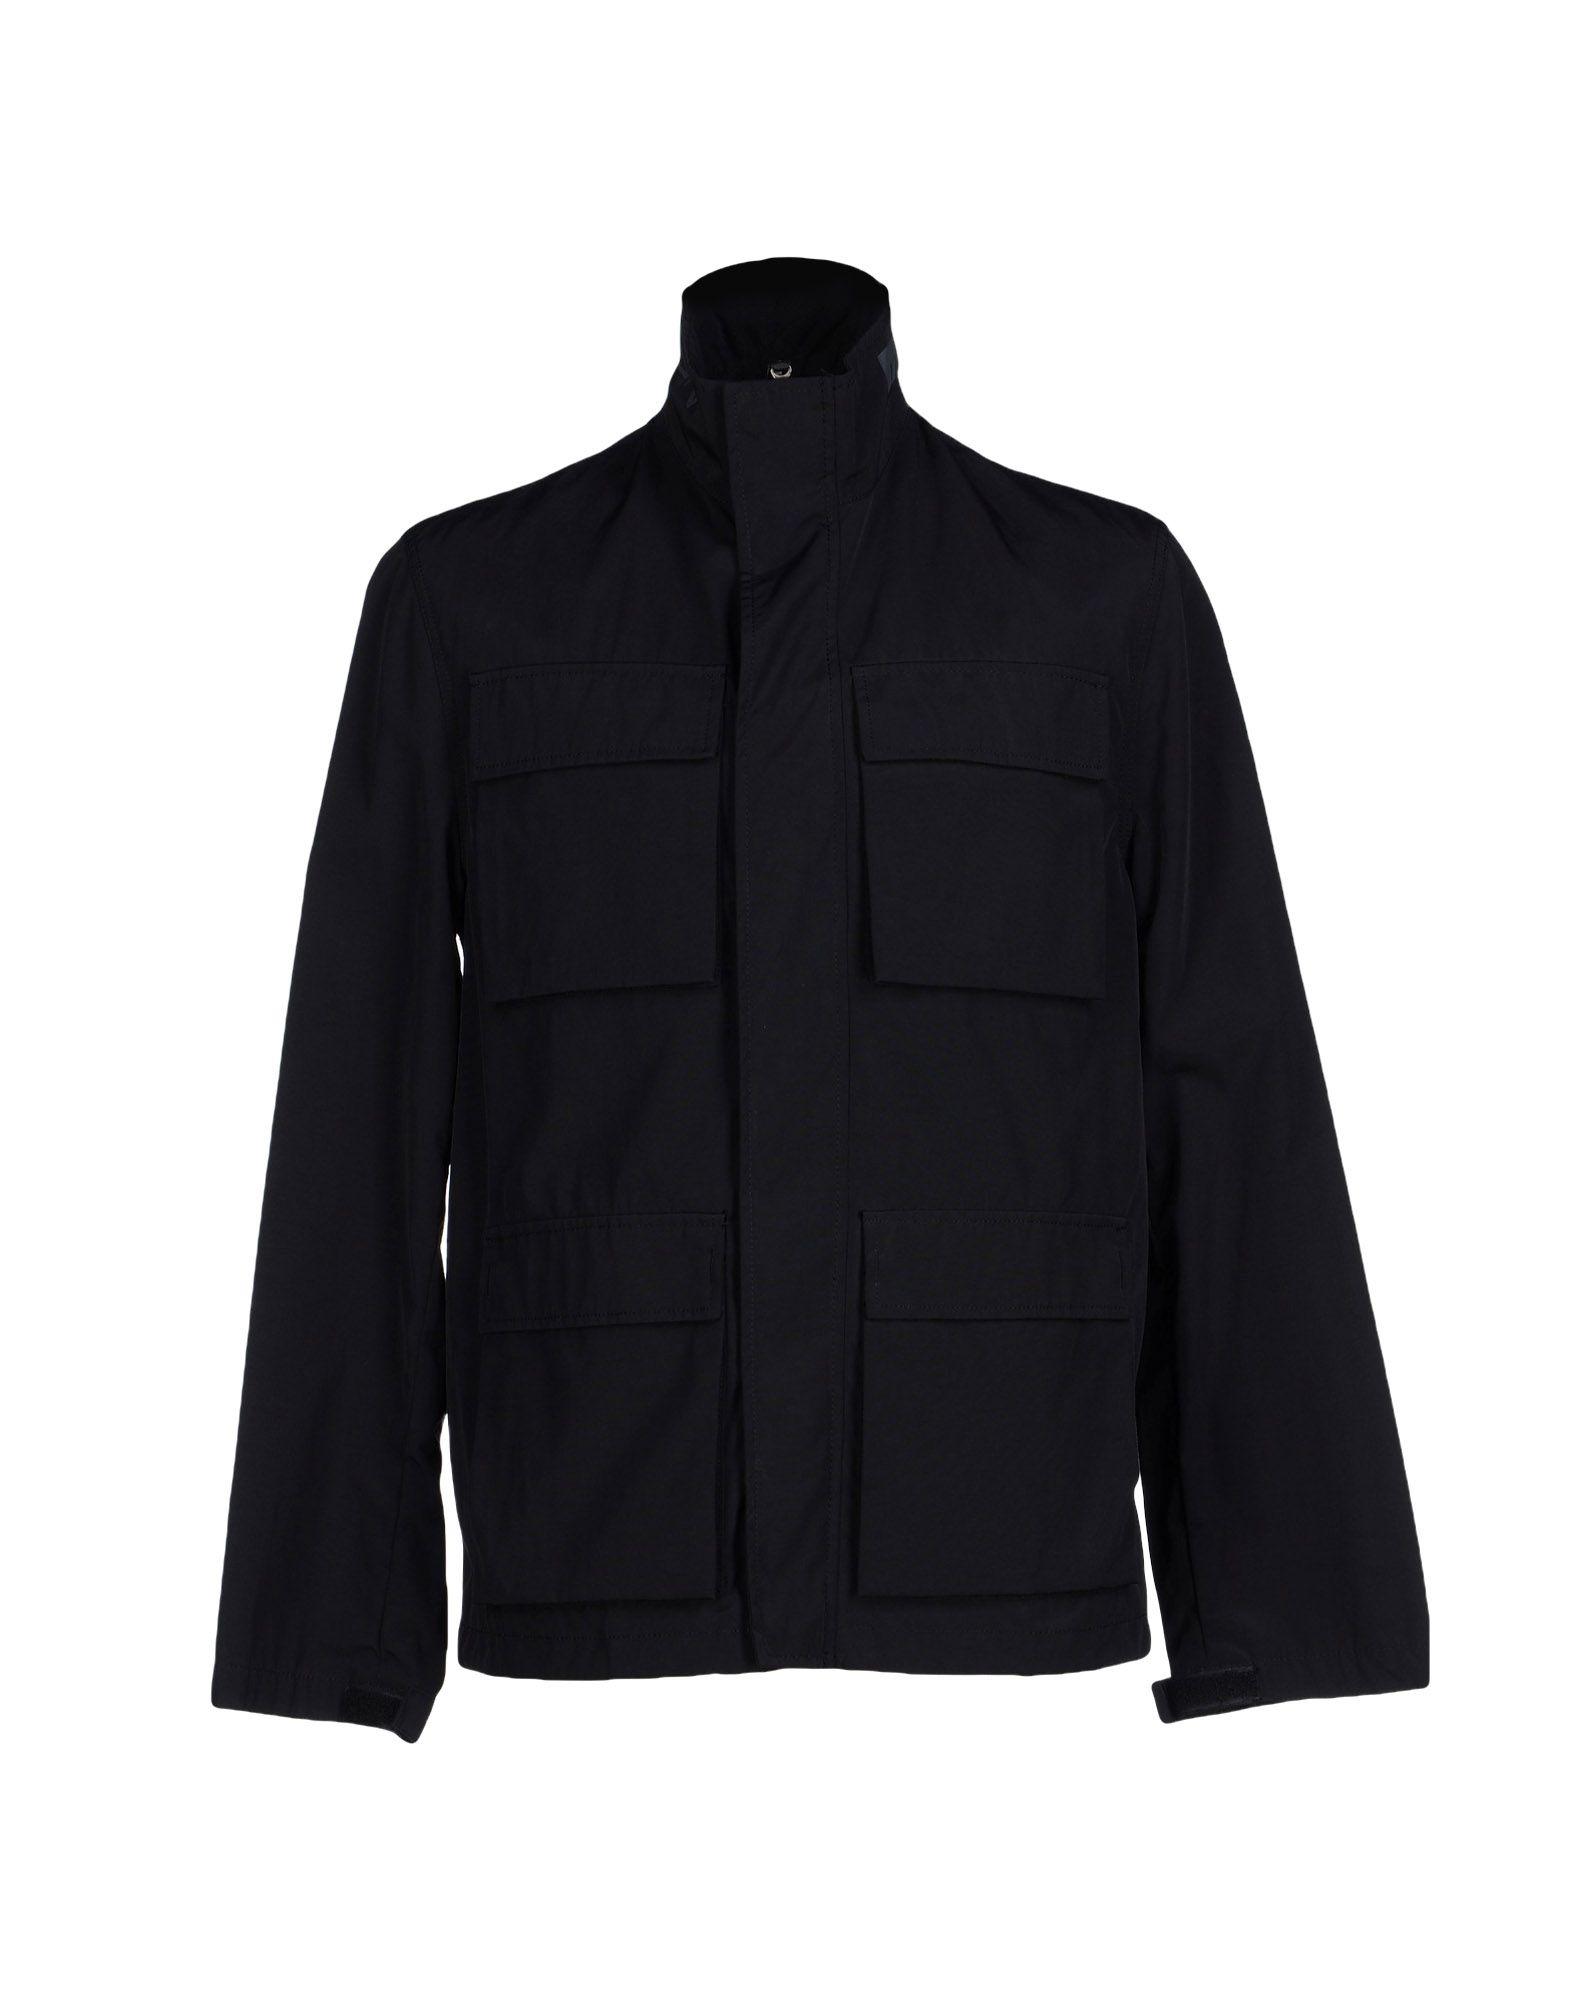 MOMO DESIGN Herren Jacke Farbe Schwarz Größe 5